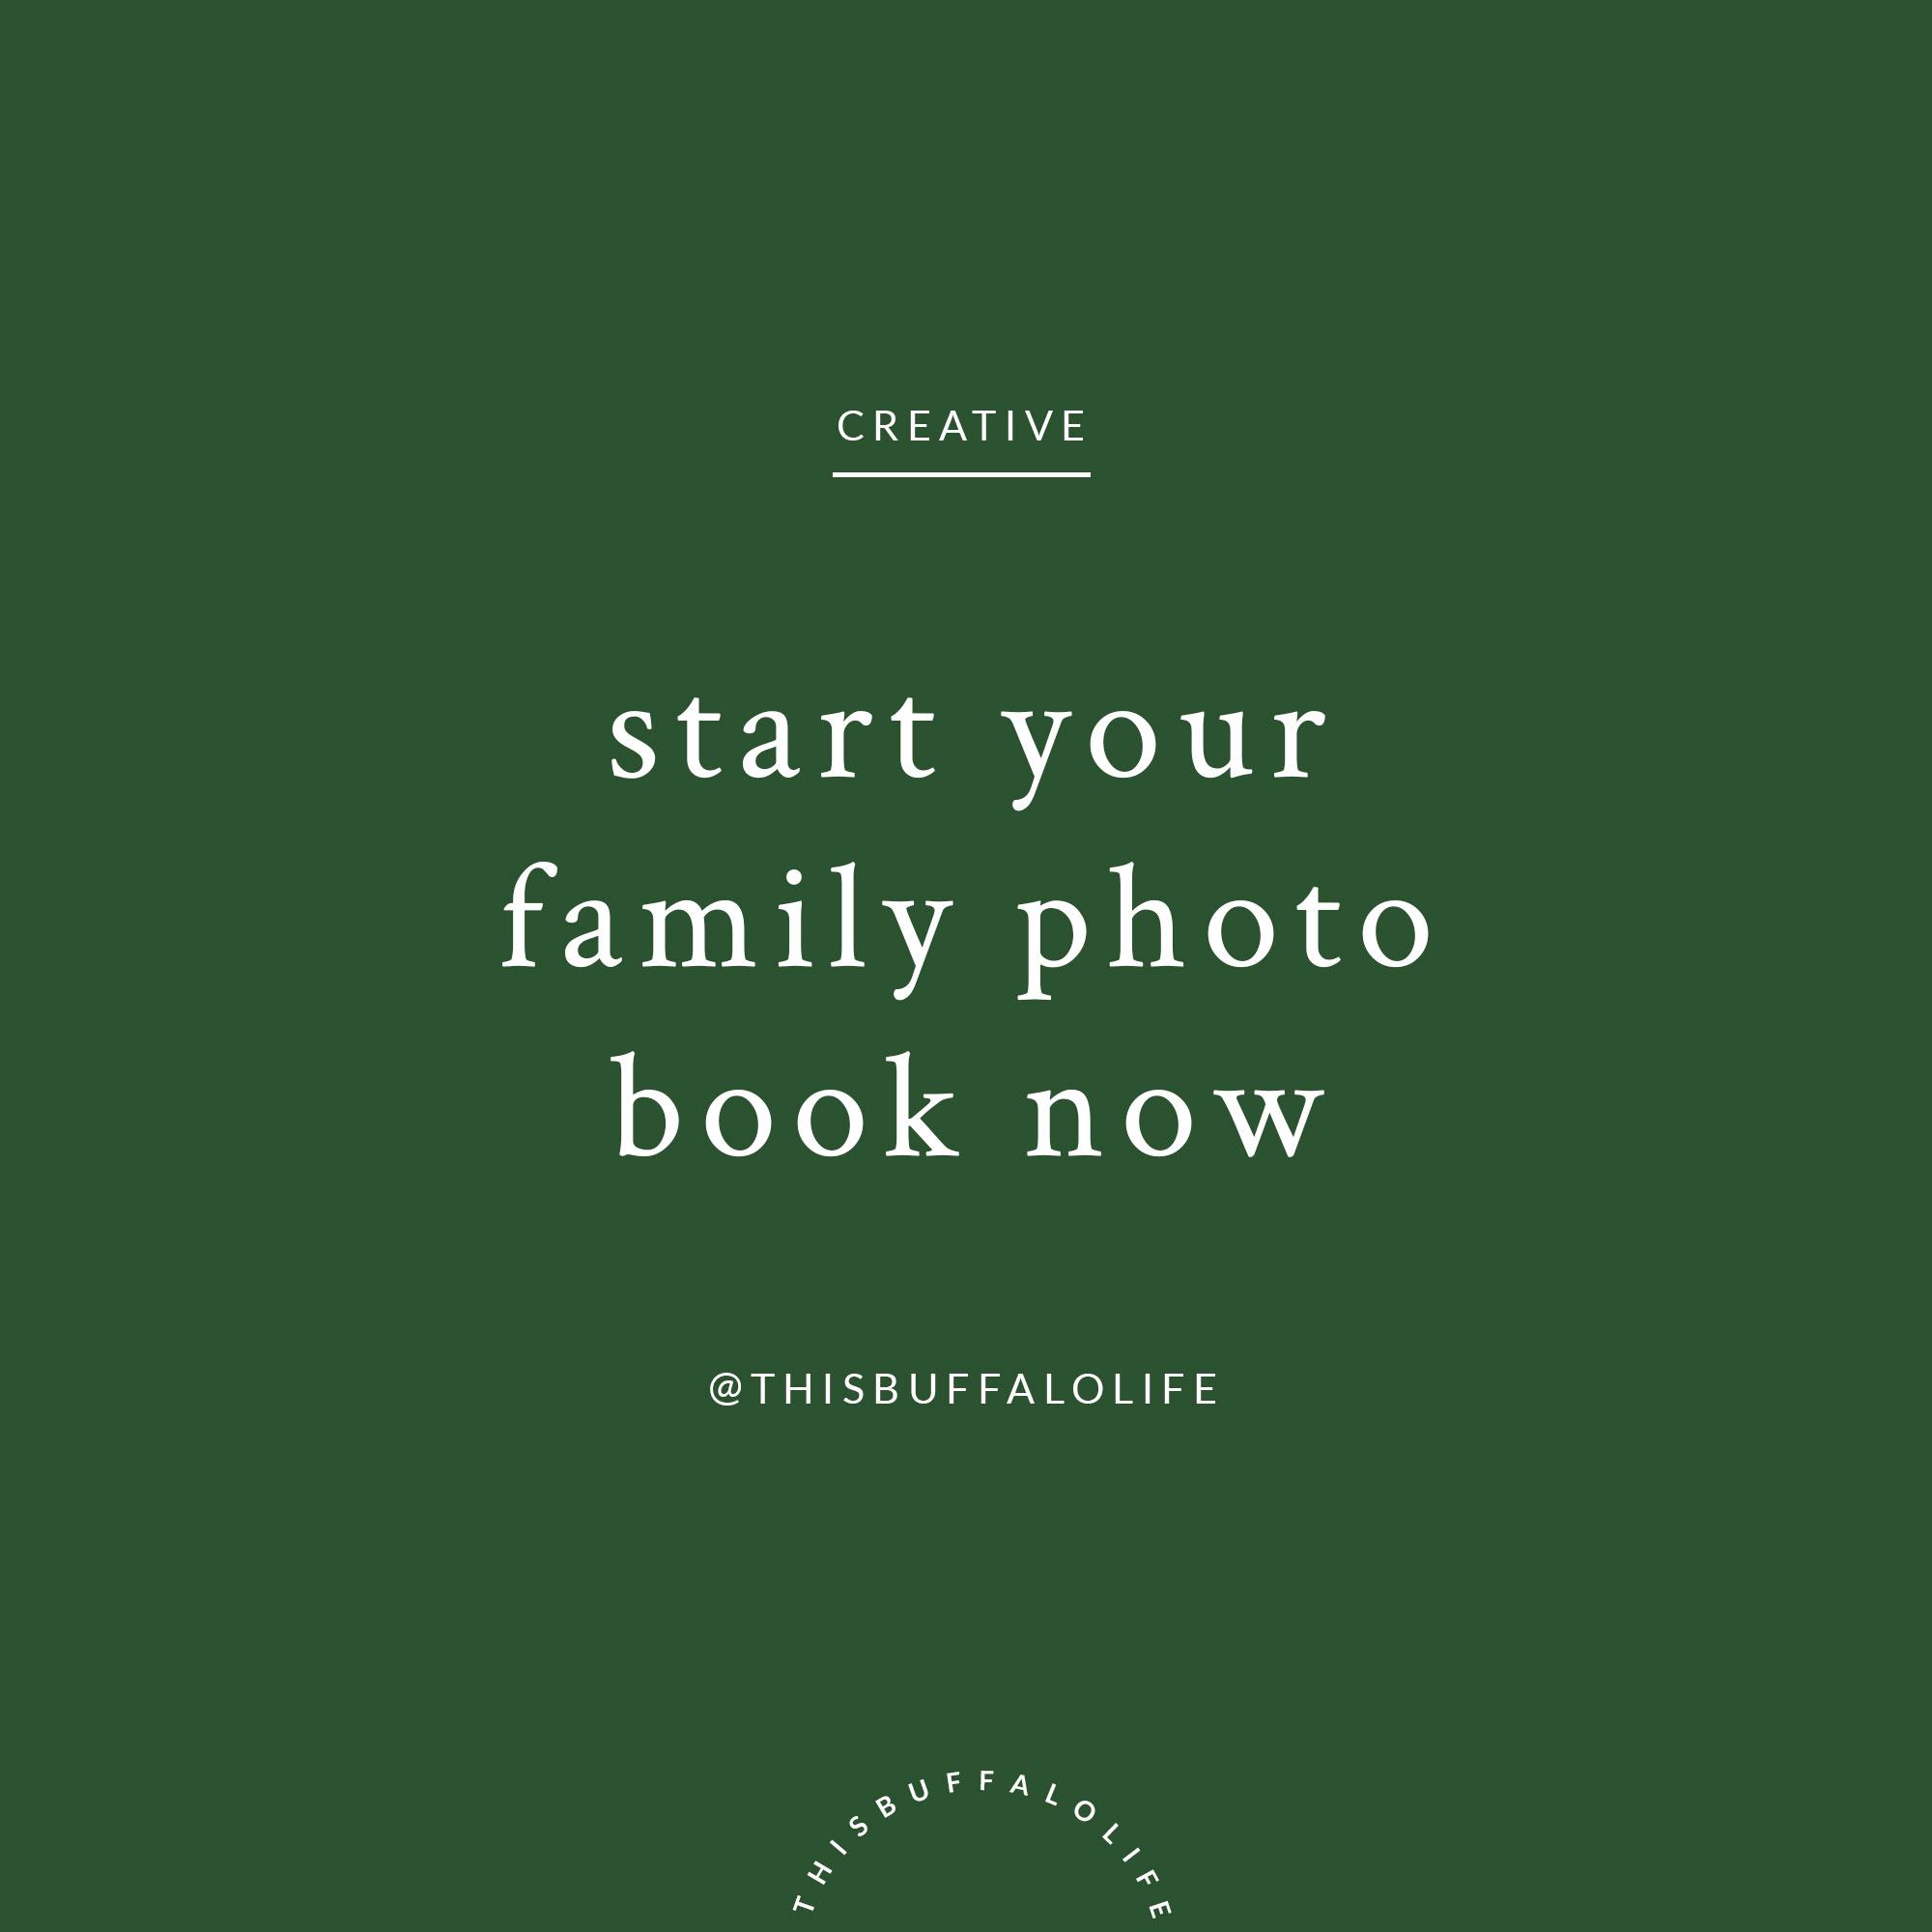 familyphotobook.jpg